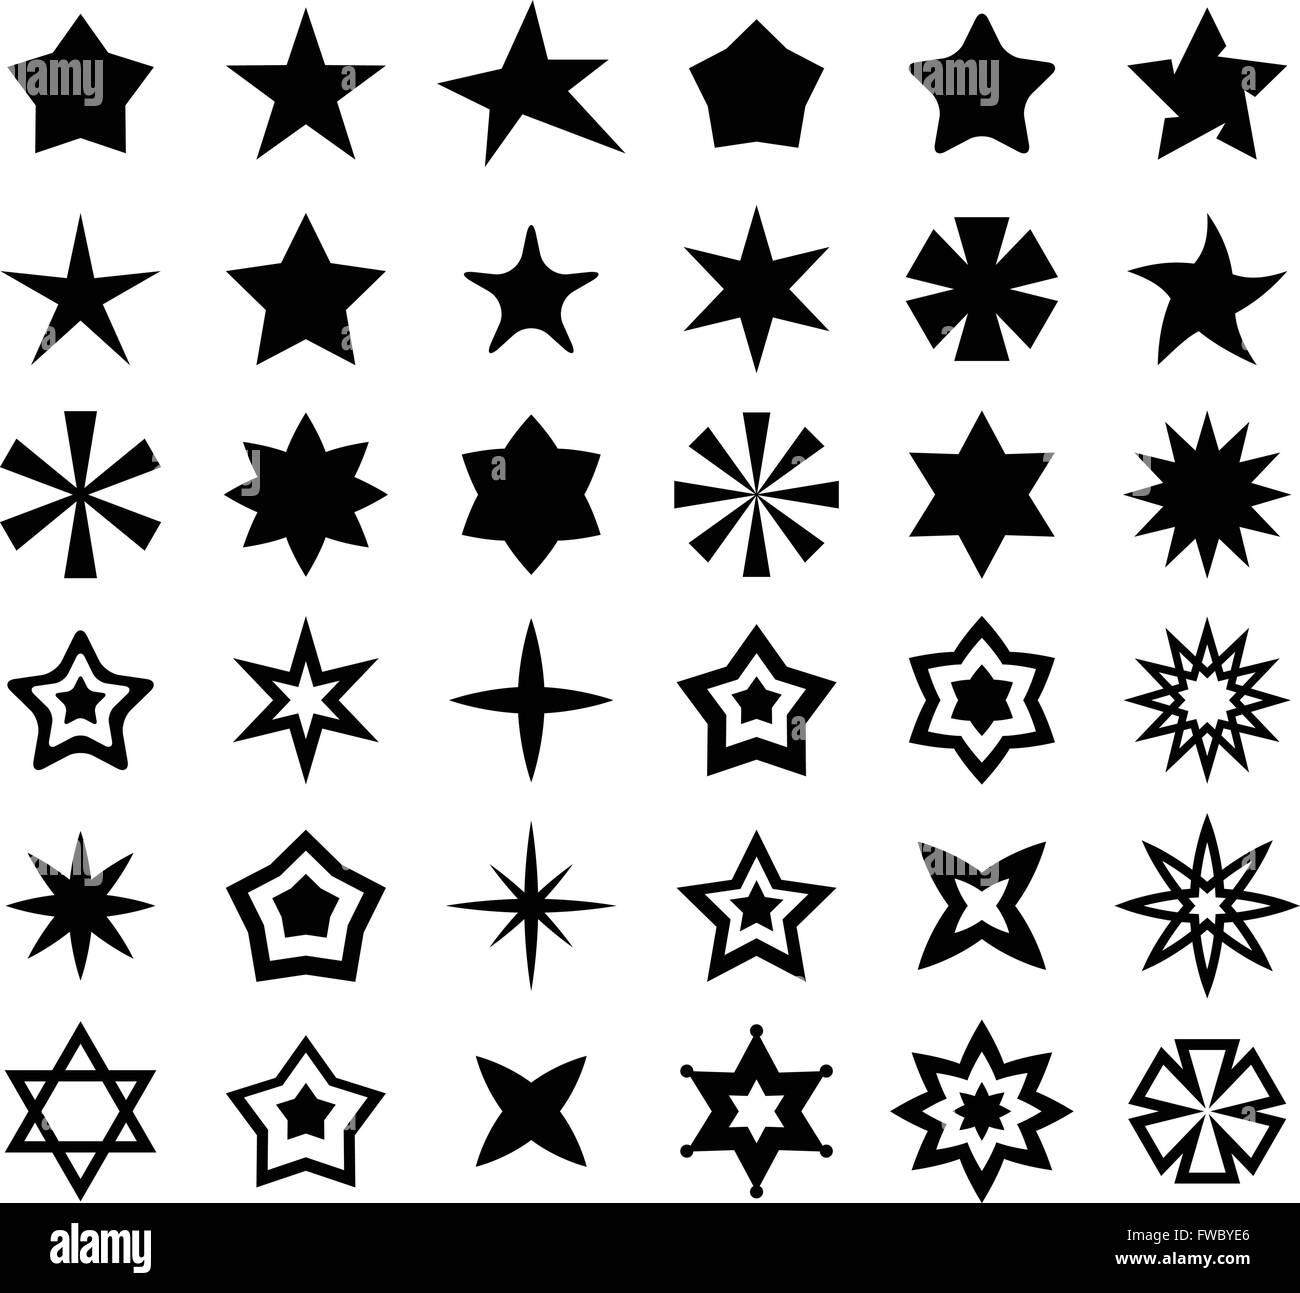 Sternzeichen Stockbild